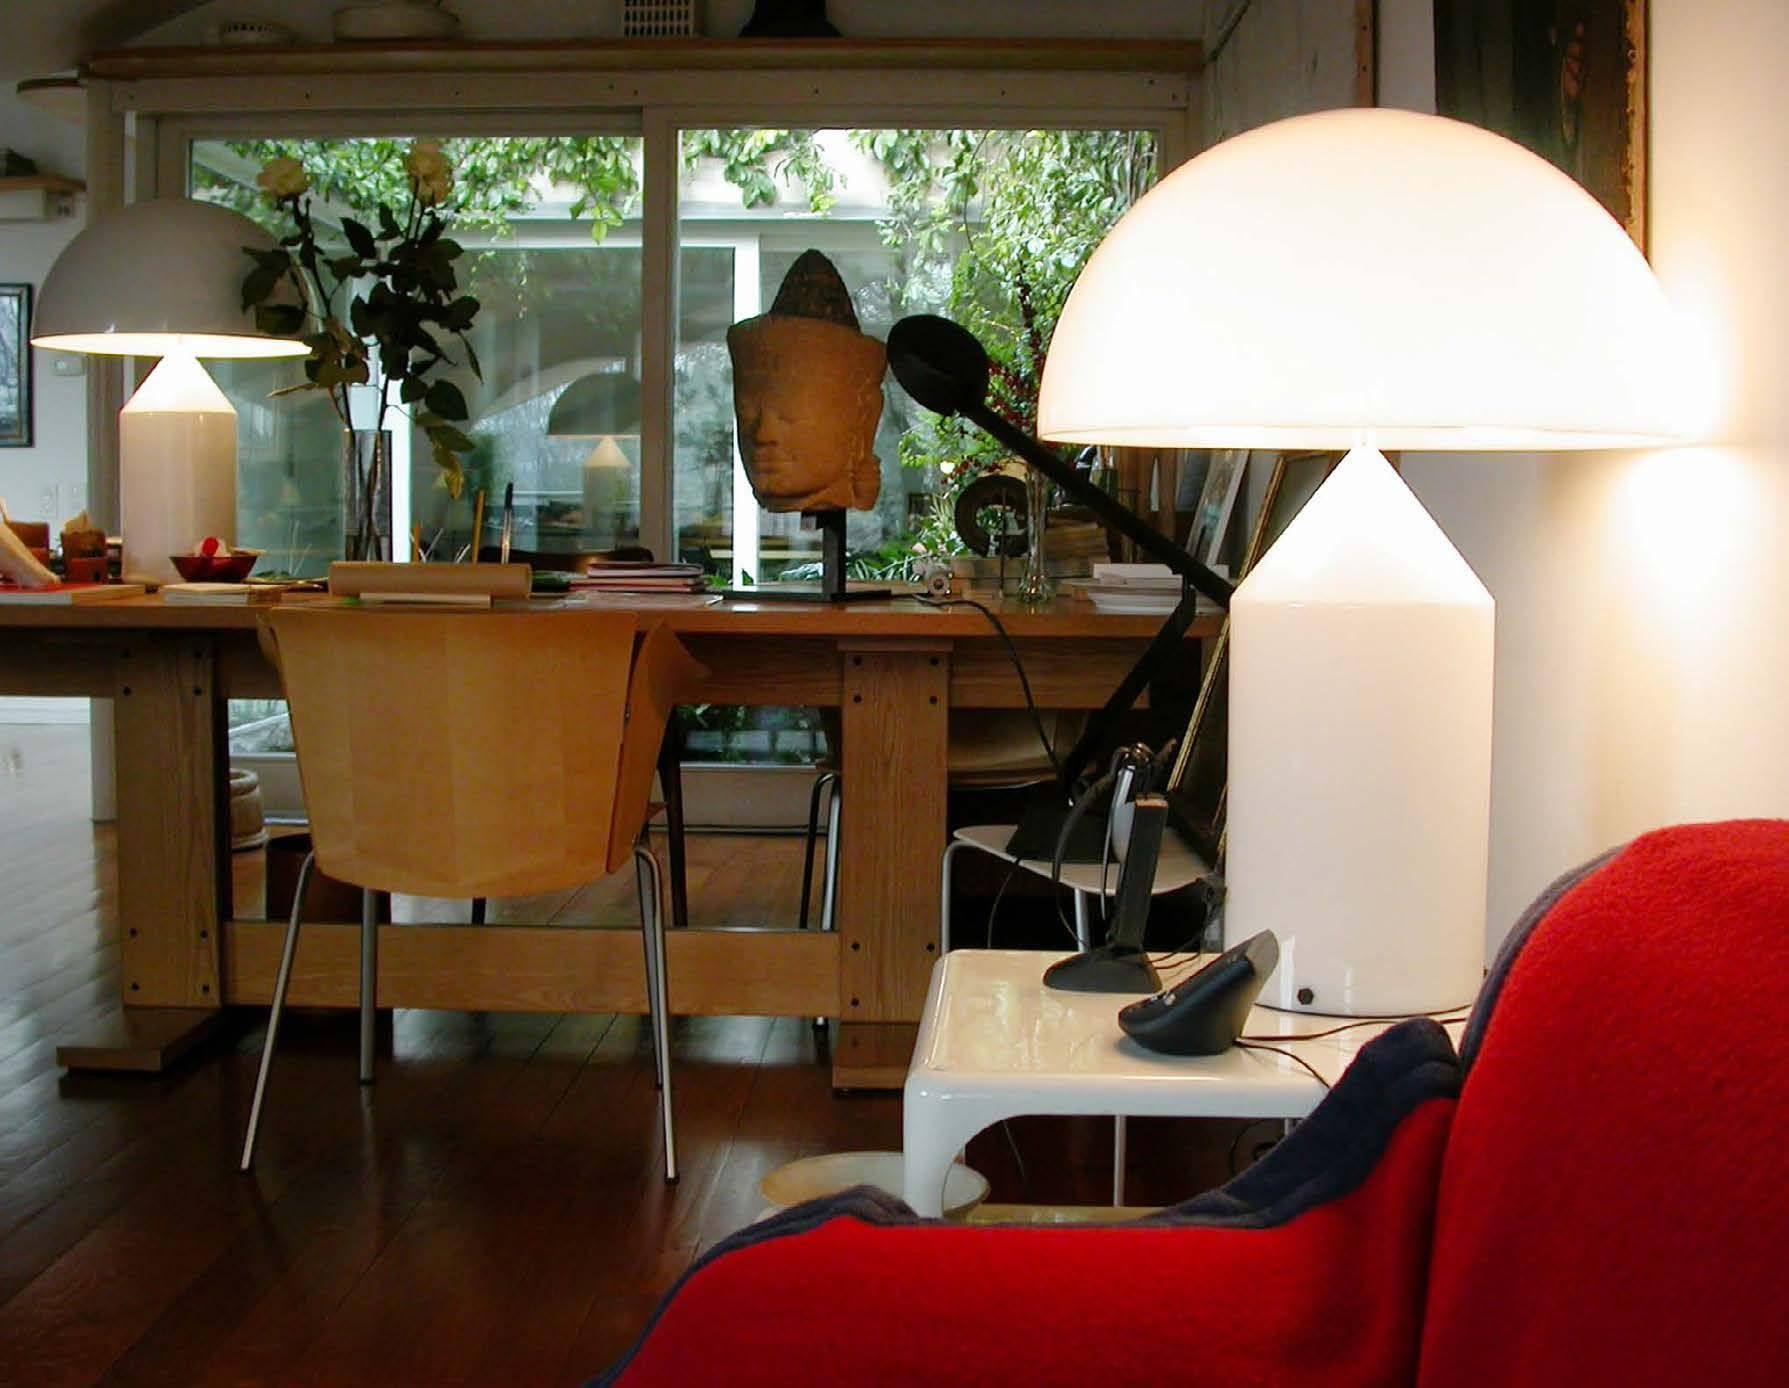 Vico magistretti casa magistretti via ges milano for Via magistretti milano